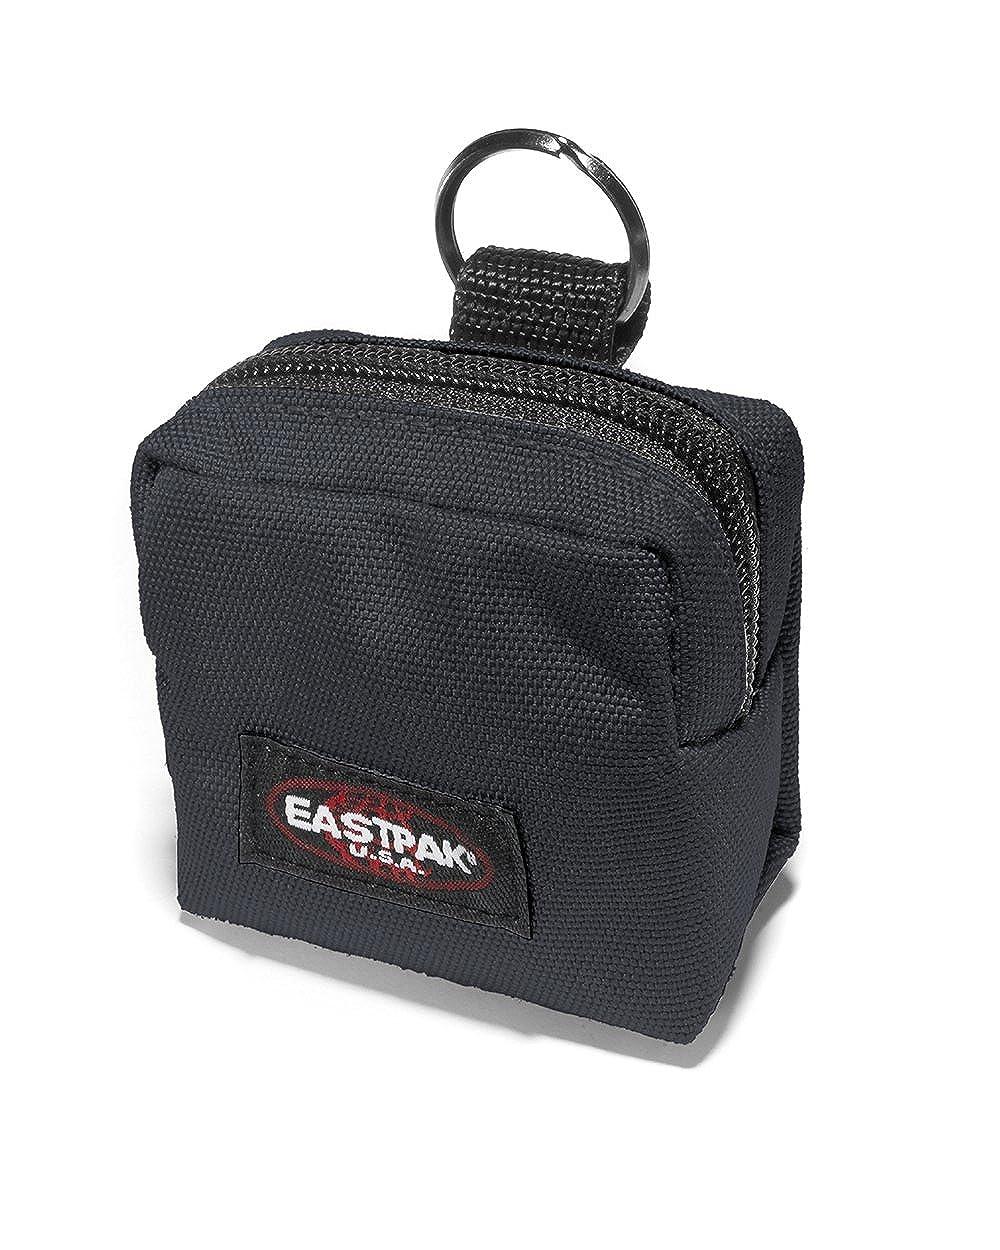 Eastpak porte cles unisex stalker e groupie 24 cm Sunday Grey EK337363 811009900772